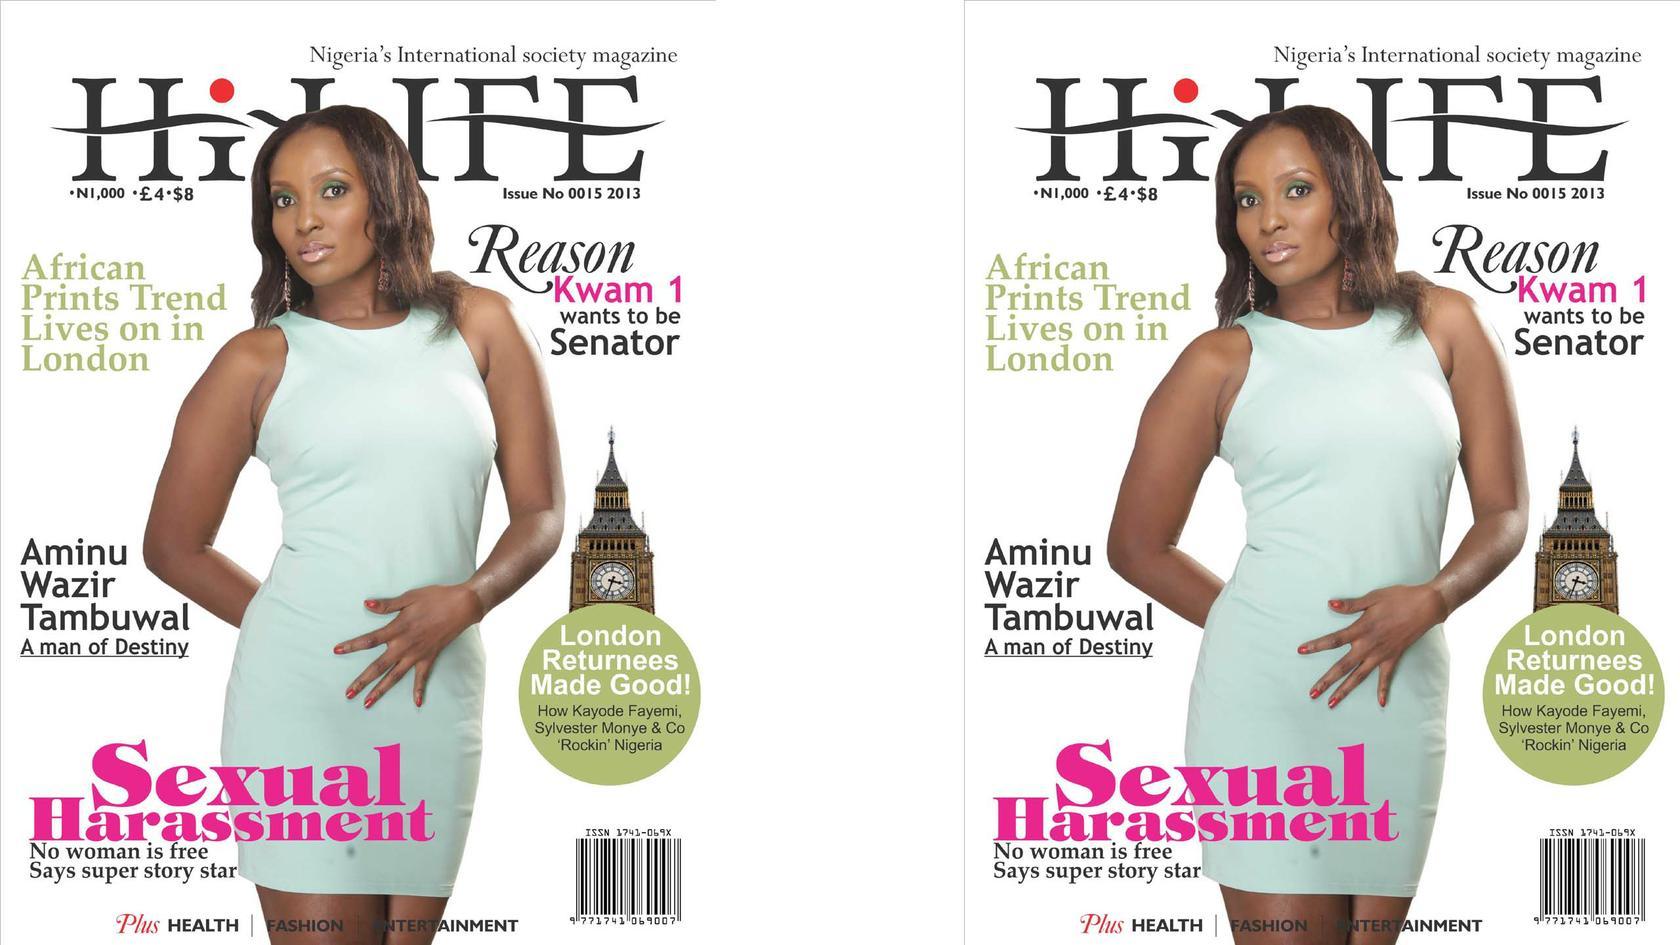 HiLife MagazineNg